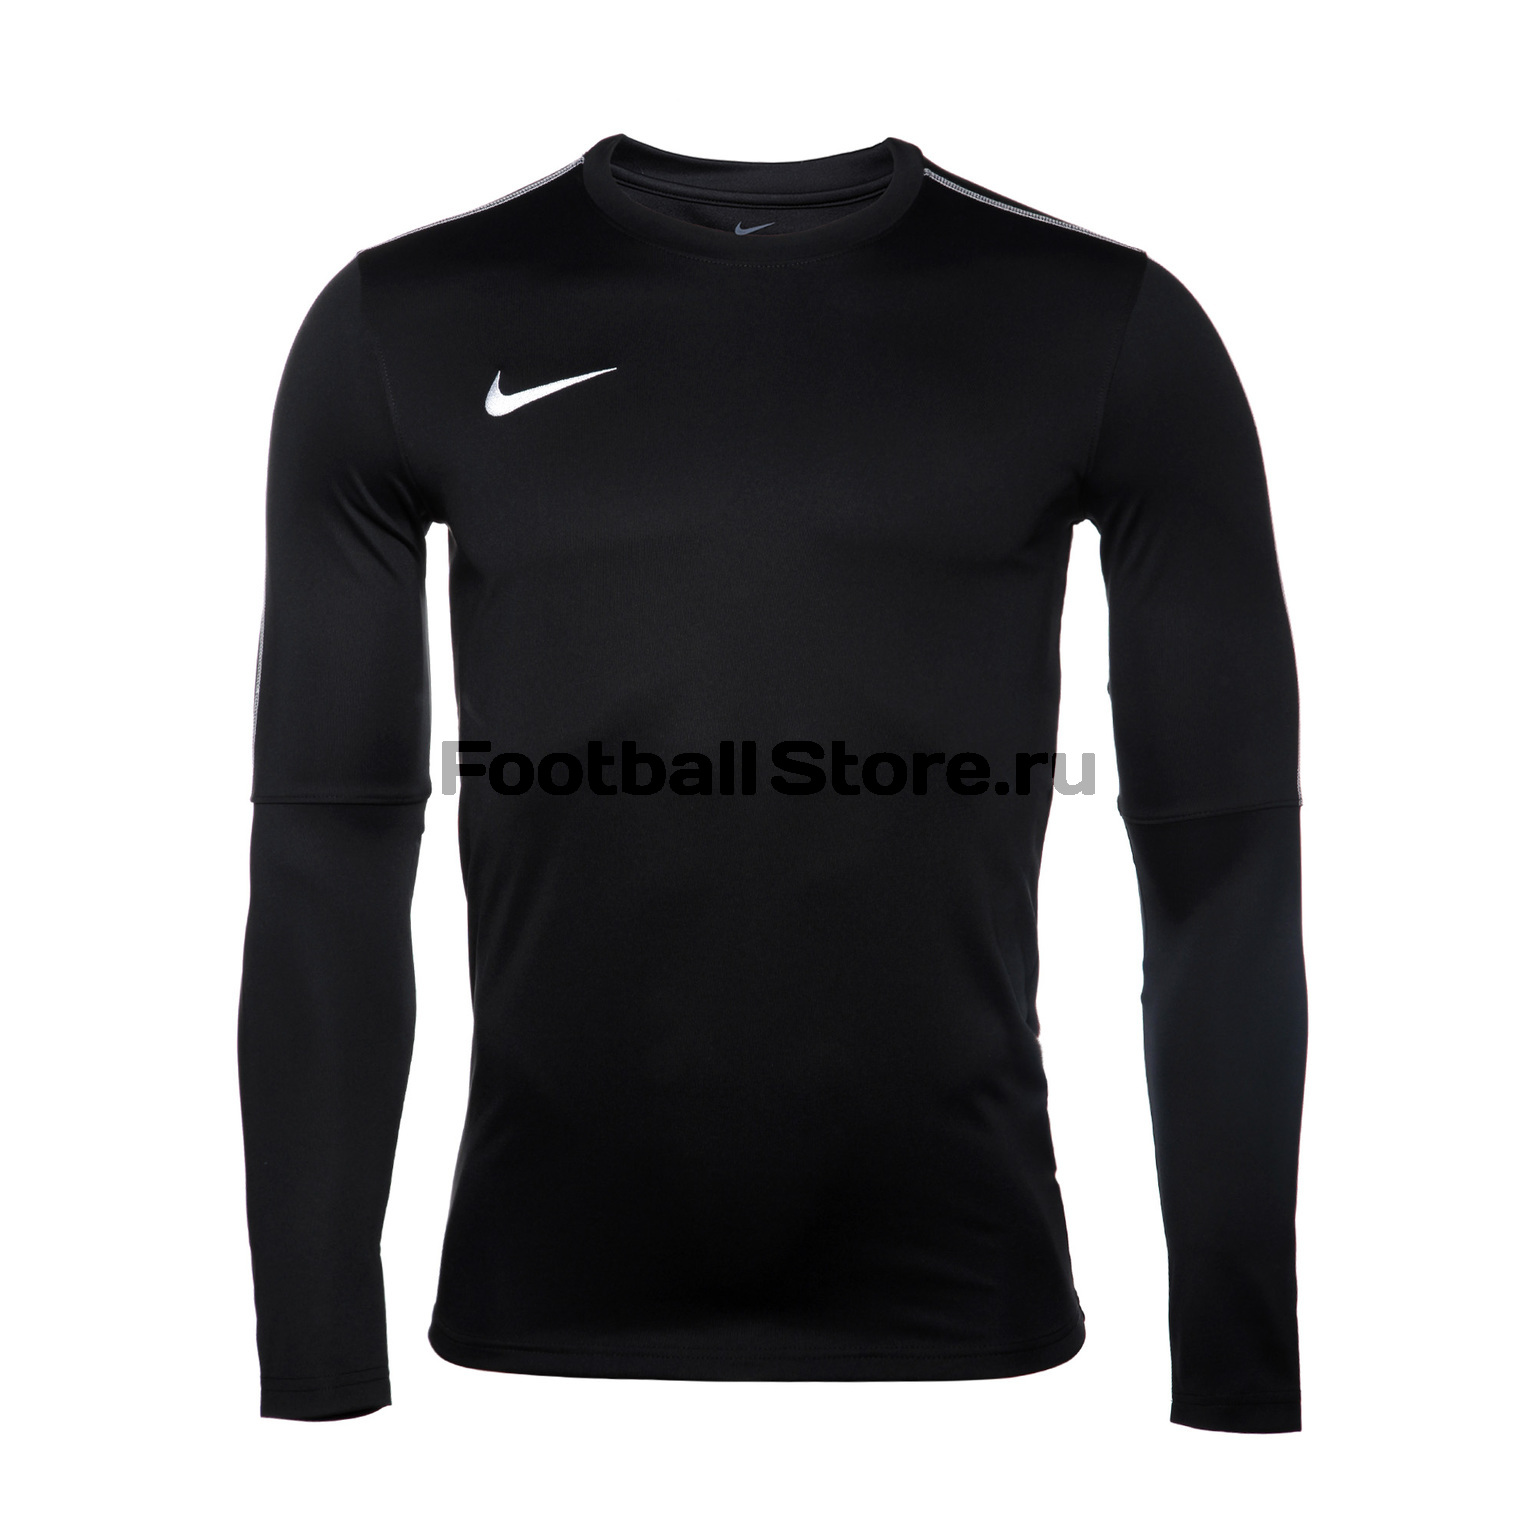 Свитер тренировочный Nike Dry Park18 Crew Top AA2088-010 футболка nike drill football top 807245 010 черный 164